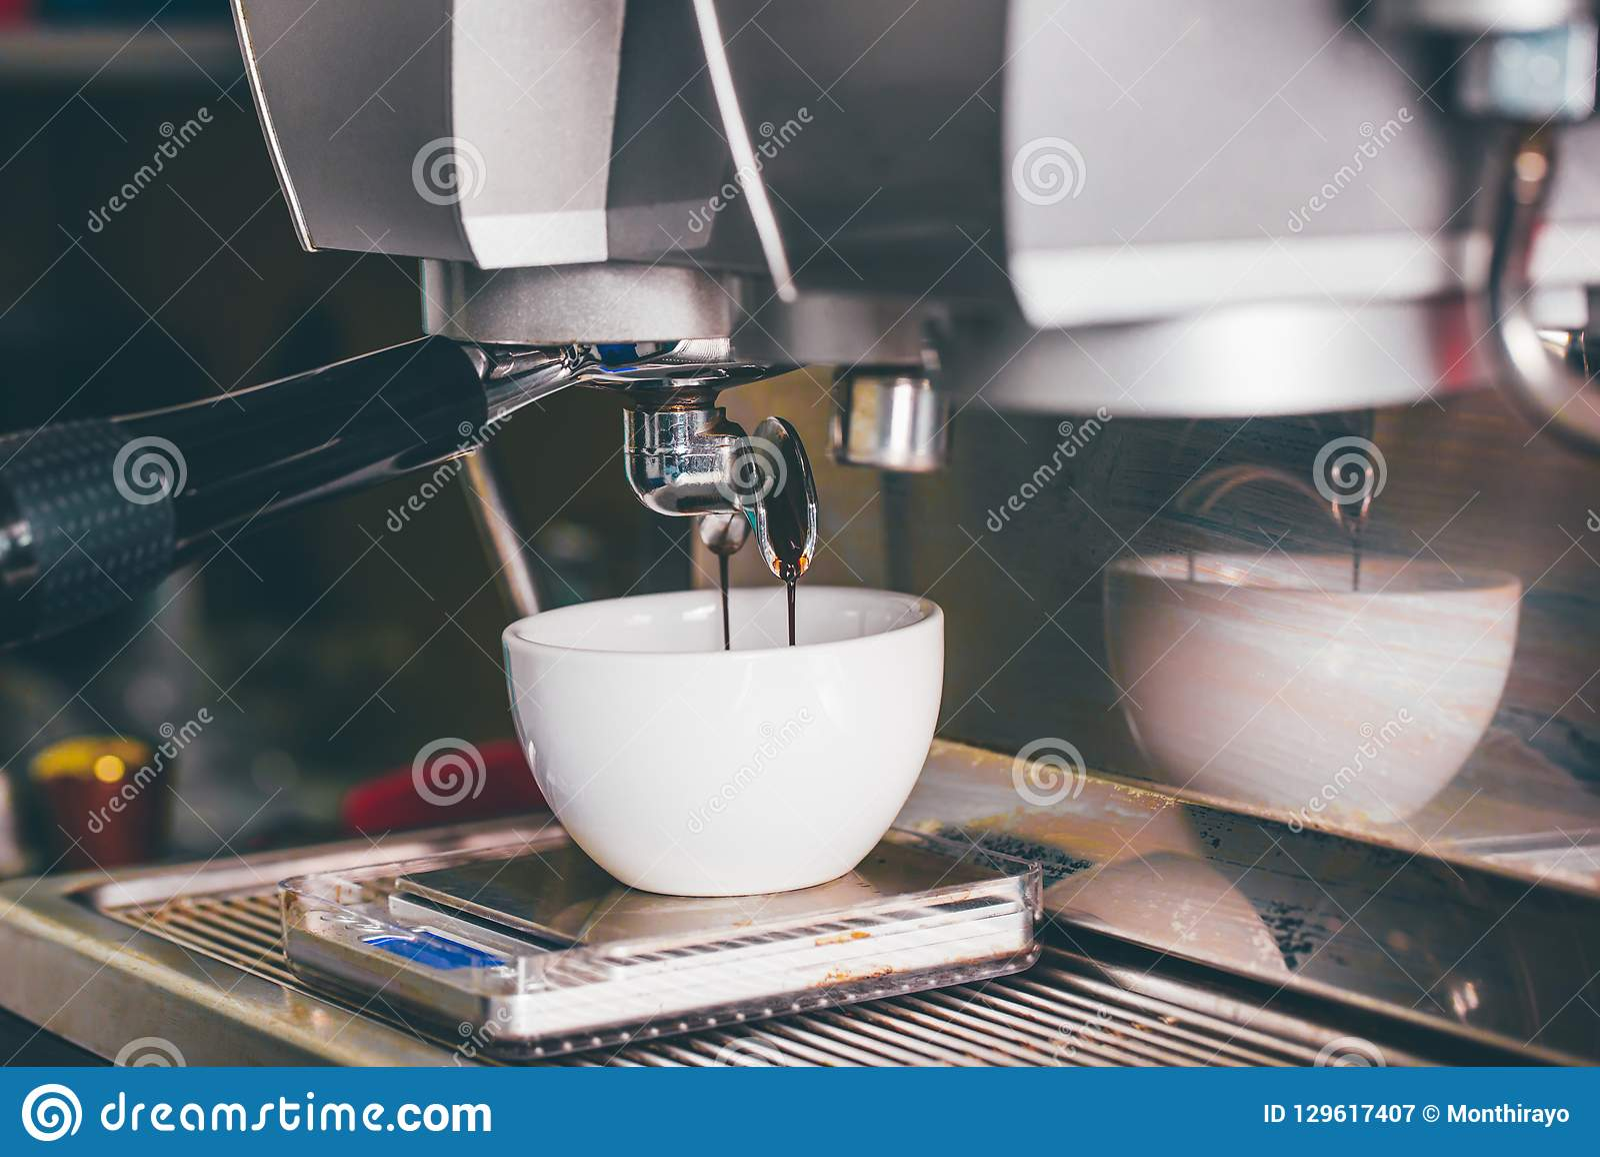 Έκχυση εξαγωγής καφέ σε ένα φλυτζάνι από τον επαγγελματικό καφέ μΑ